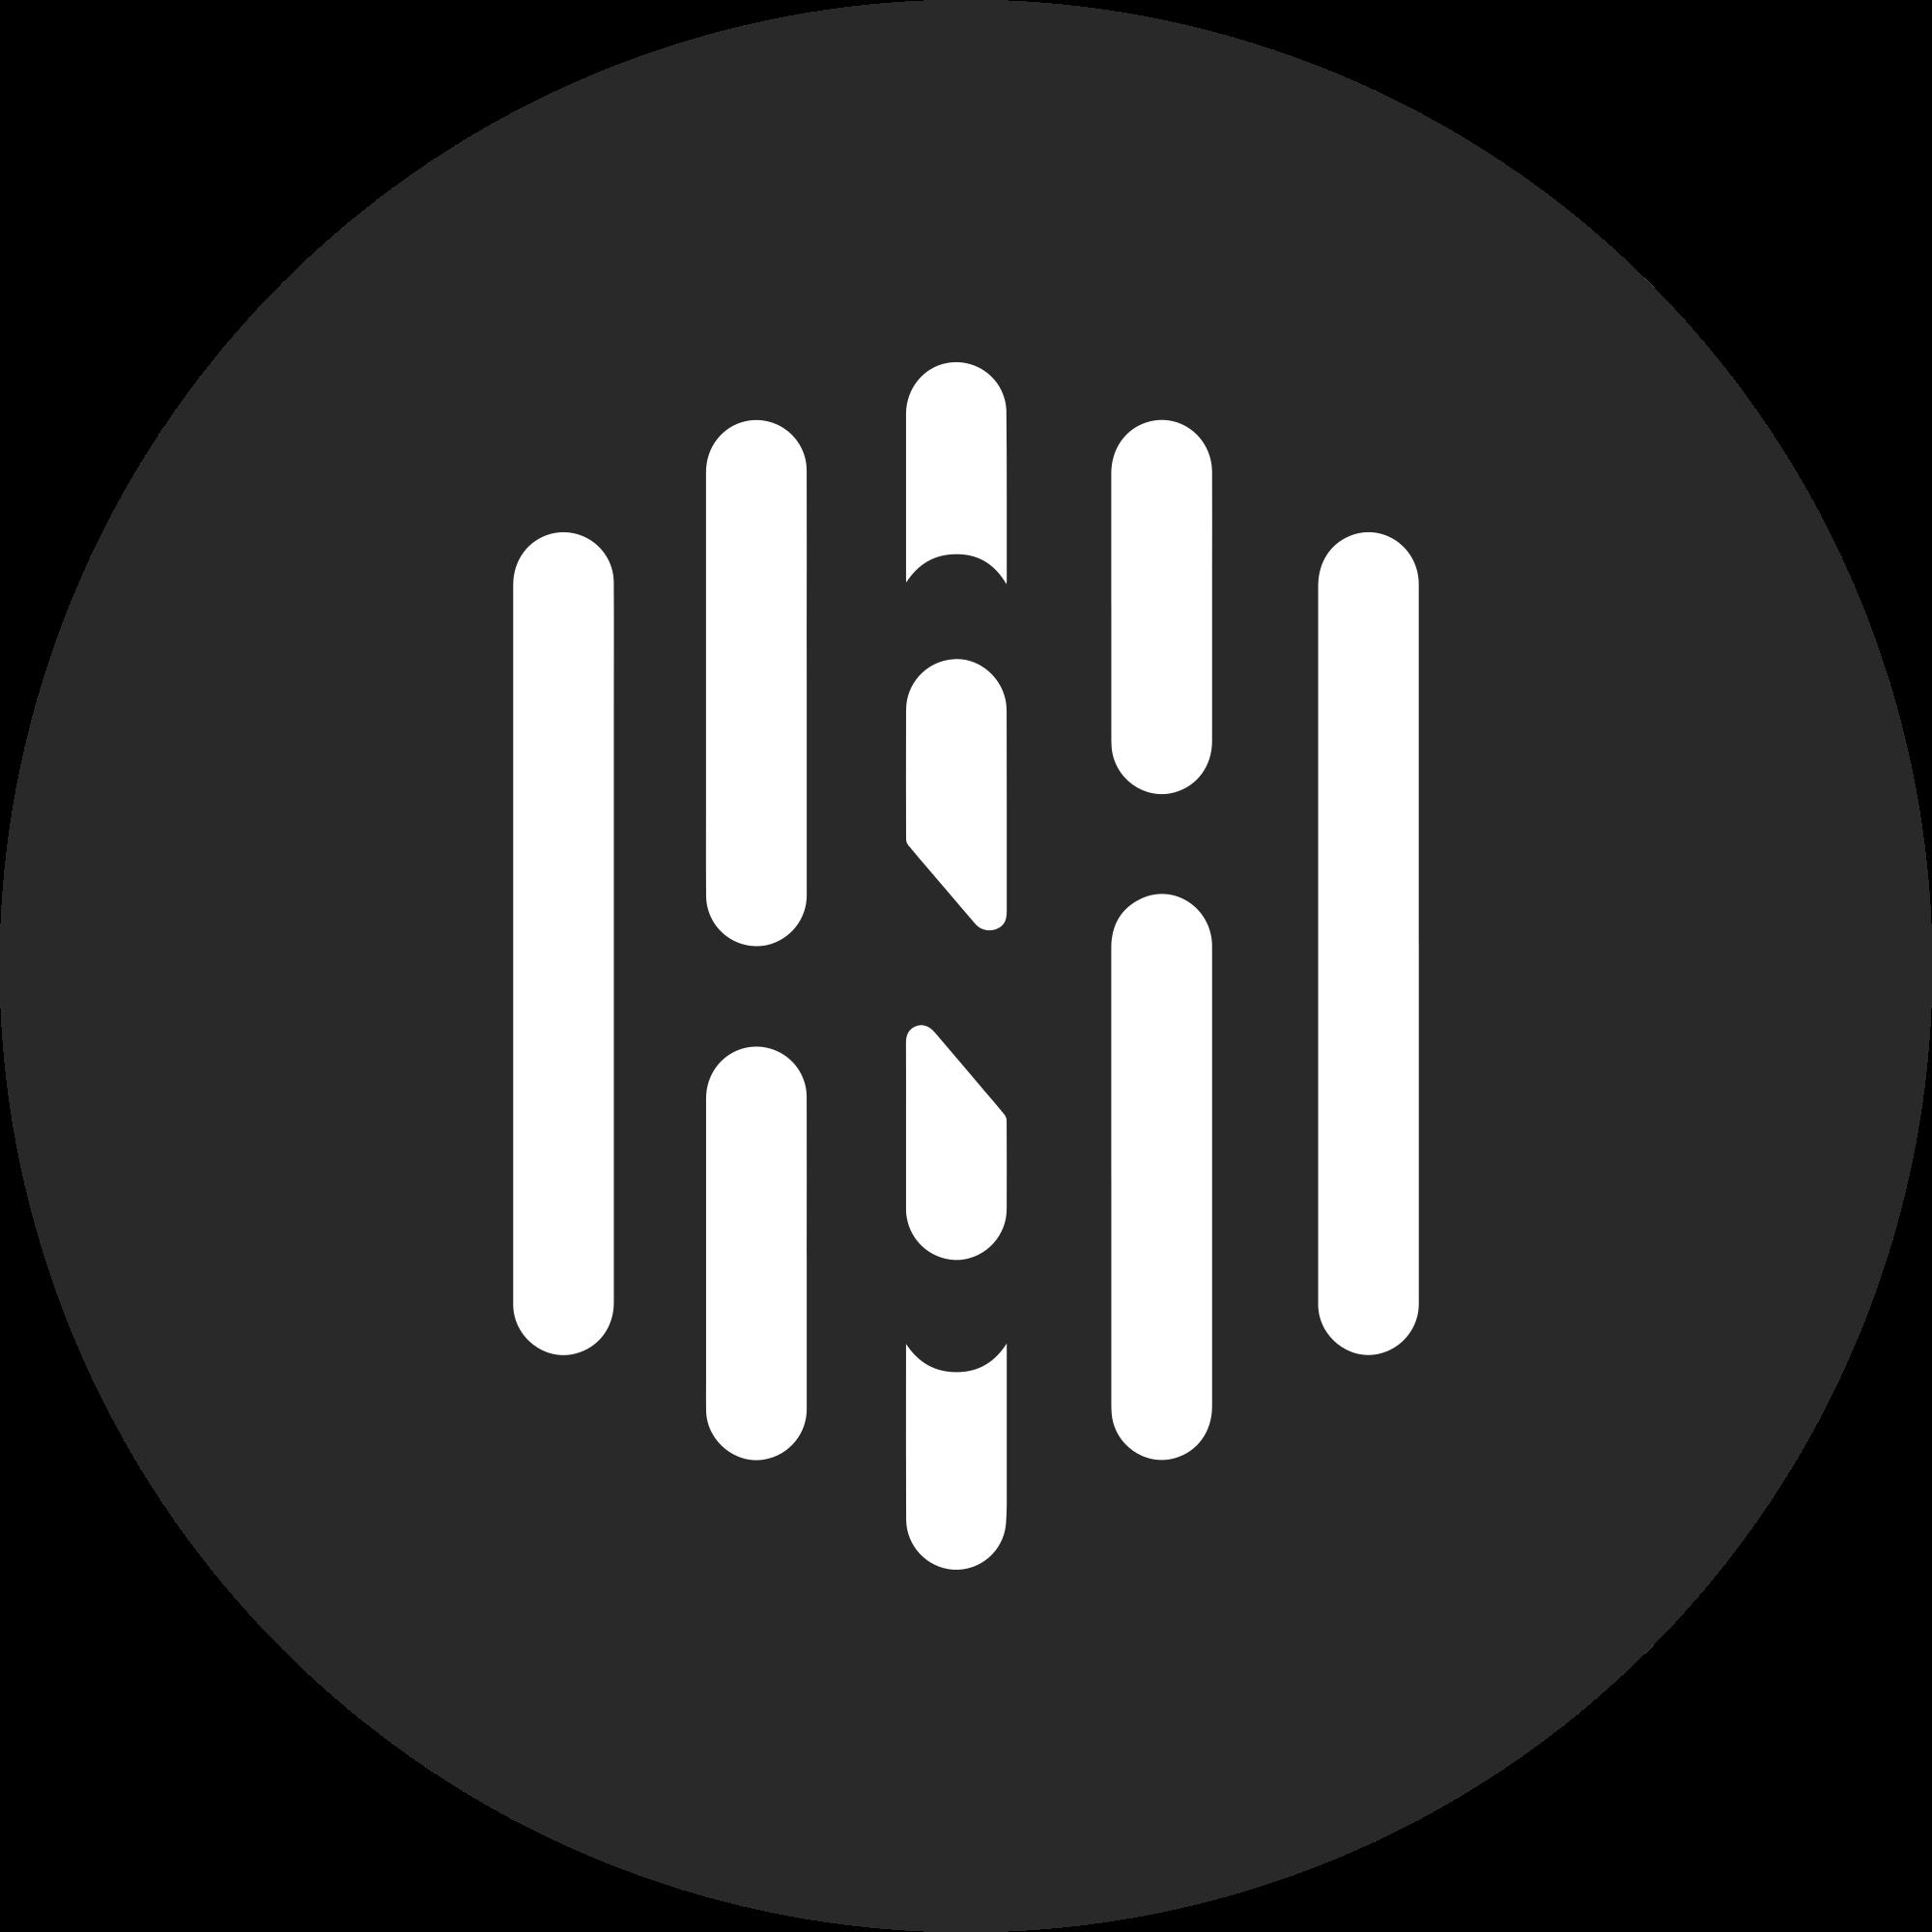 Hush (HUSH) Logo .SVG and .PNG Files Download.